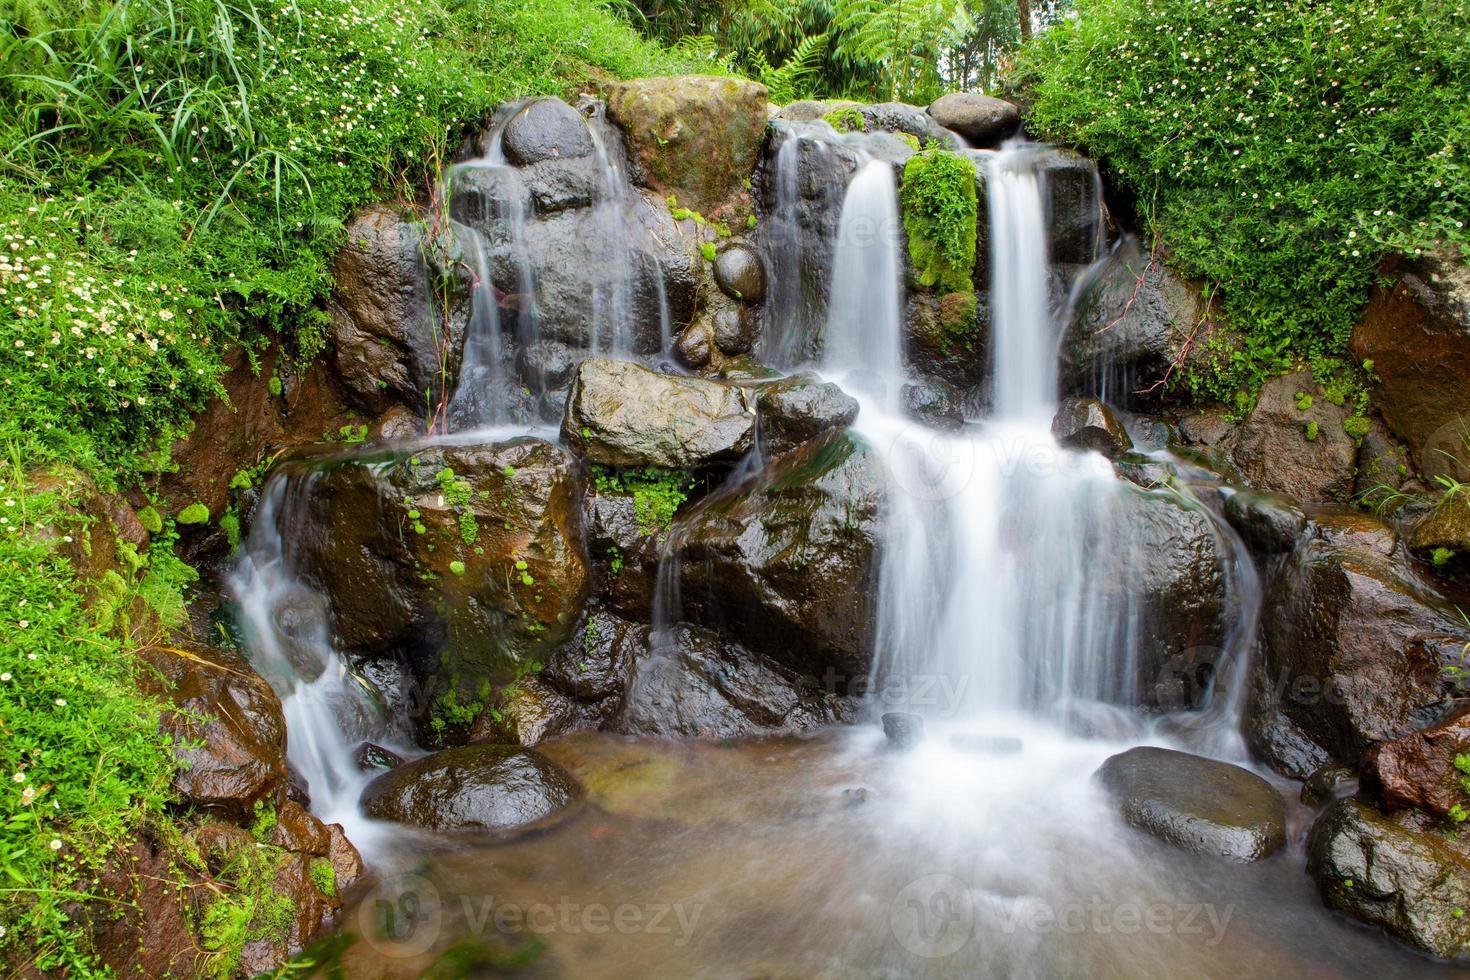 natuurtuin met kleine waterval foto